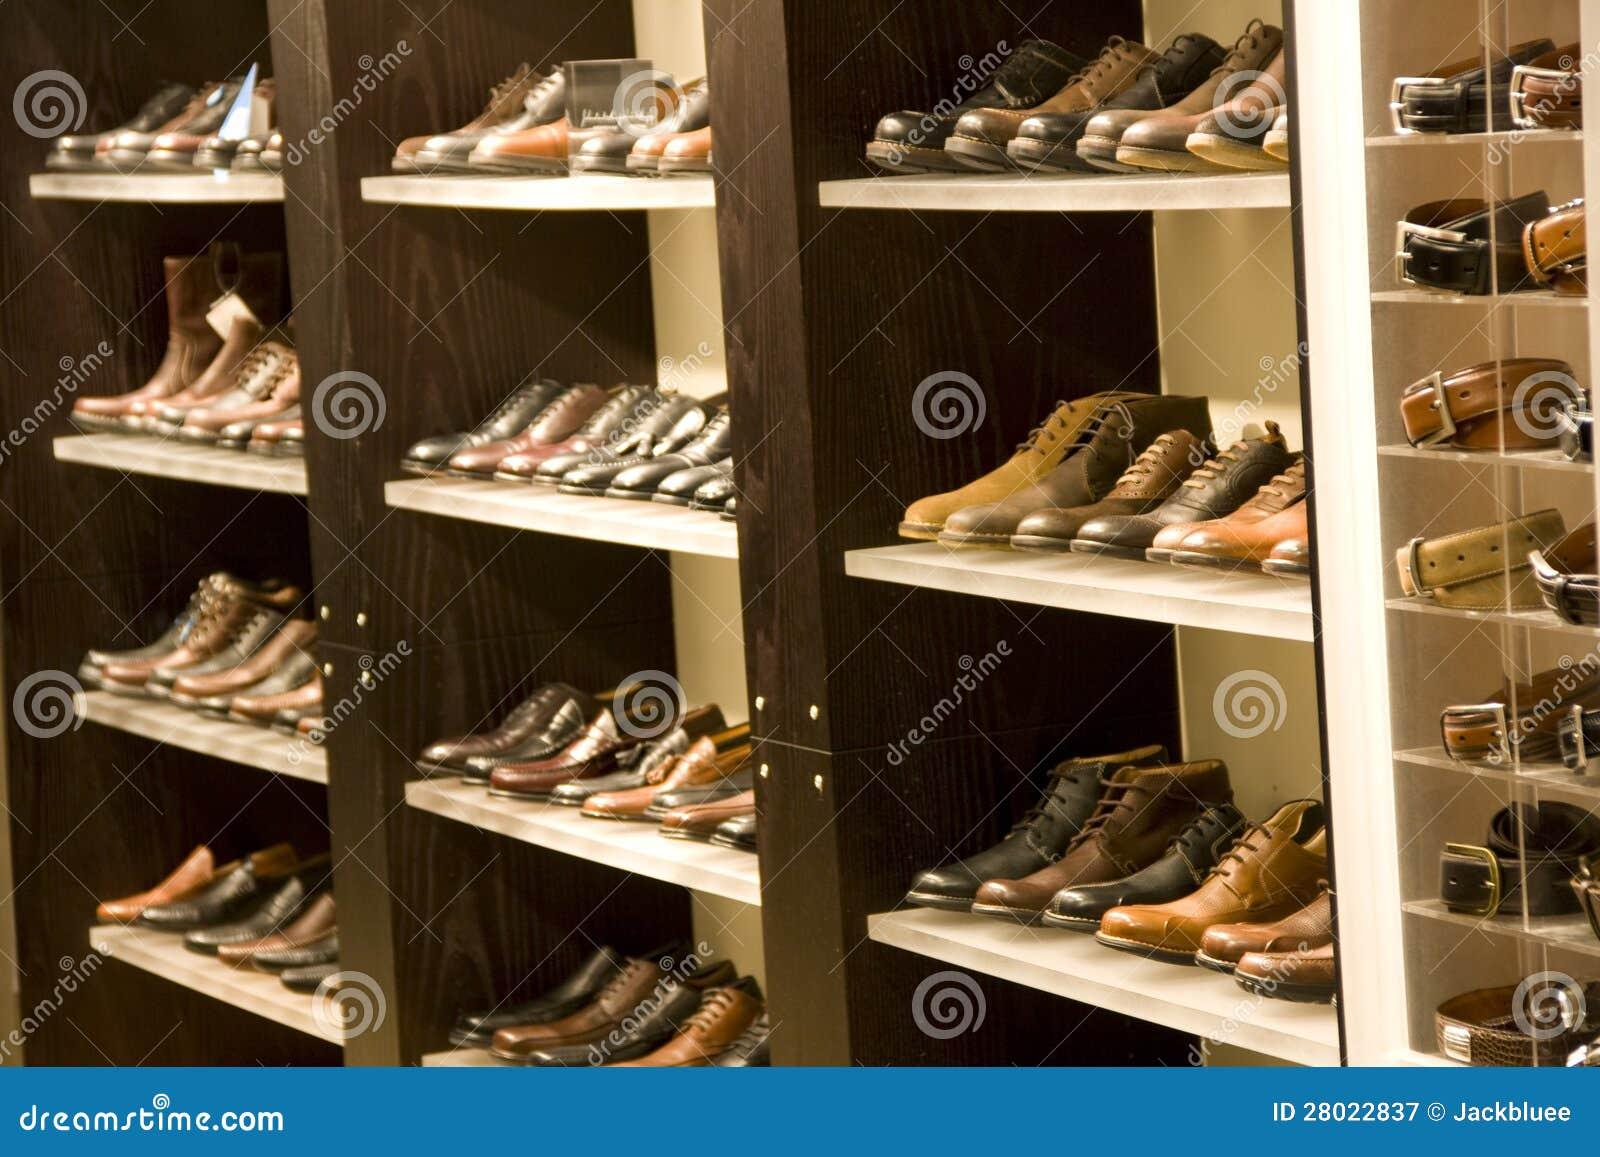 De kledingsschoenen van mensen